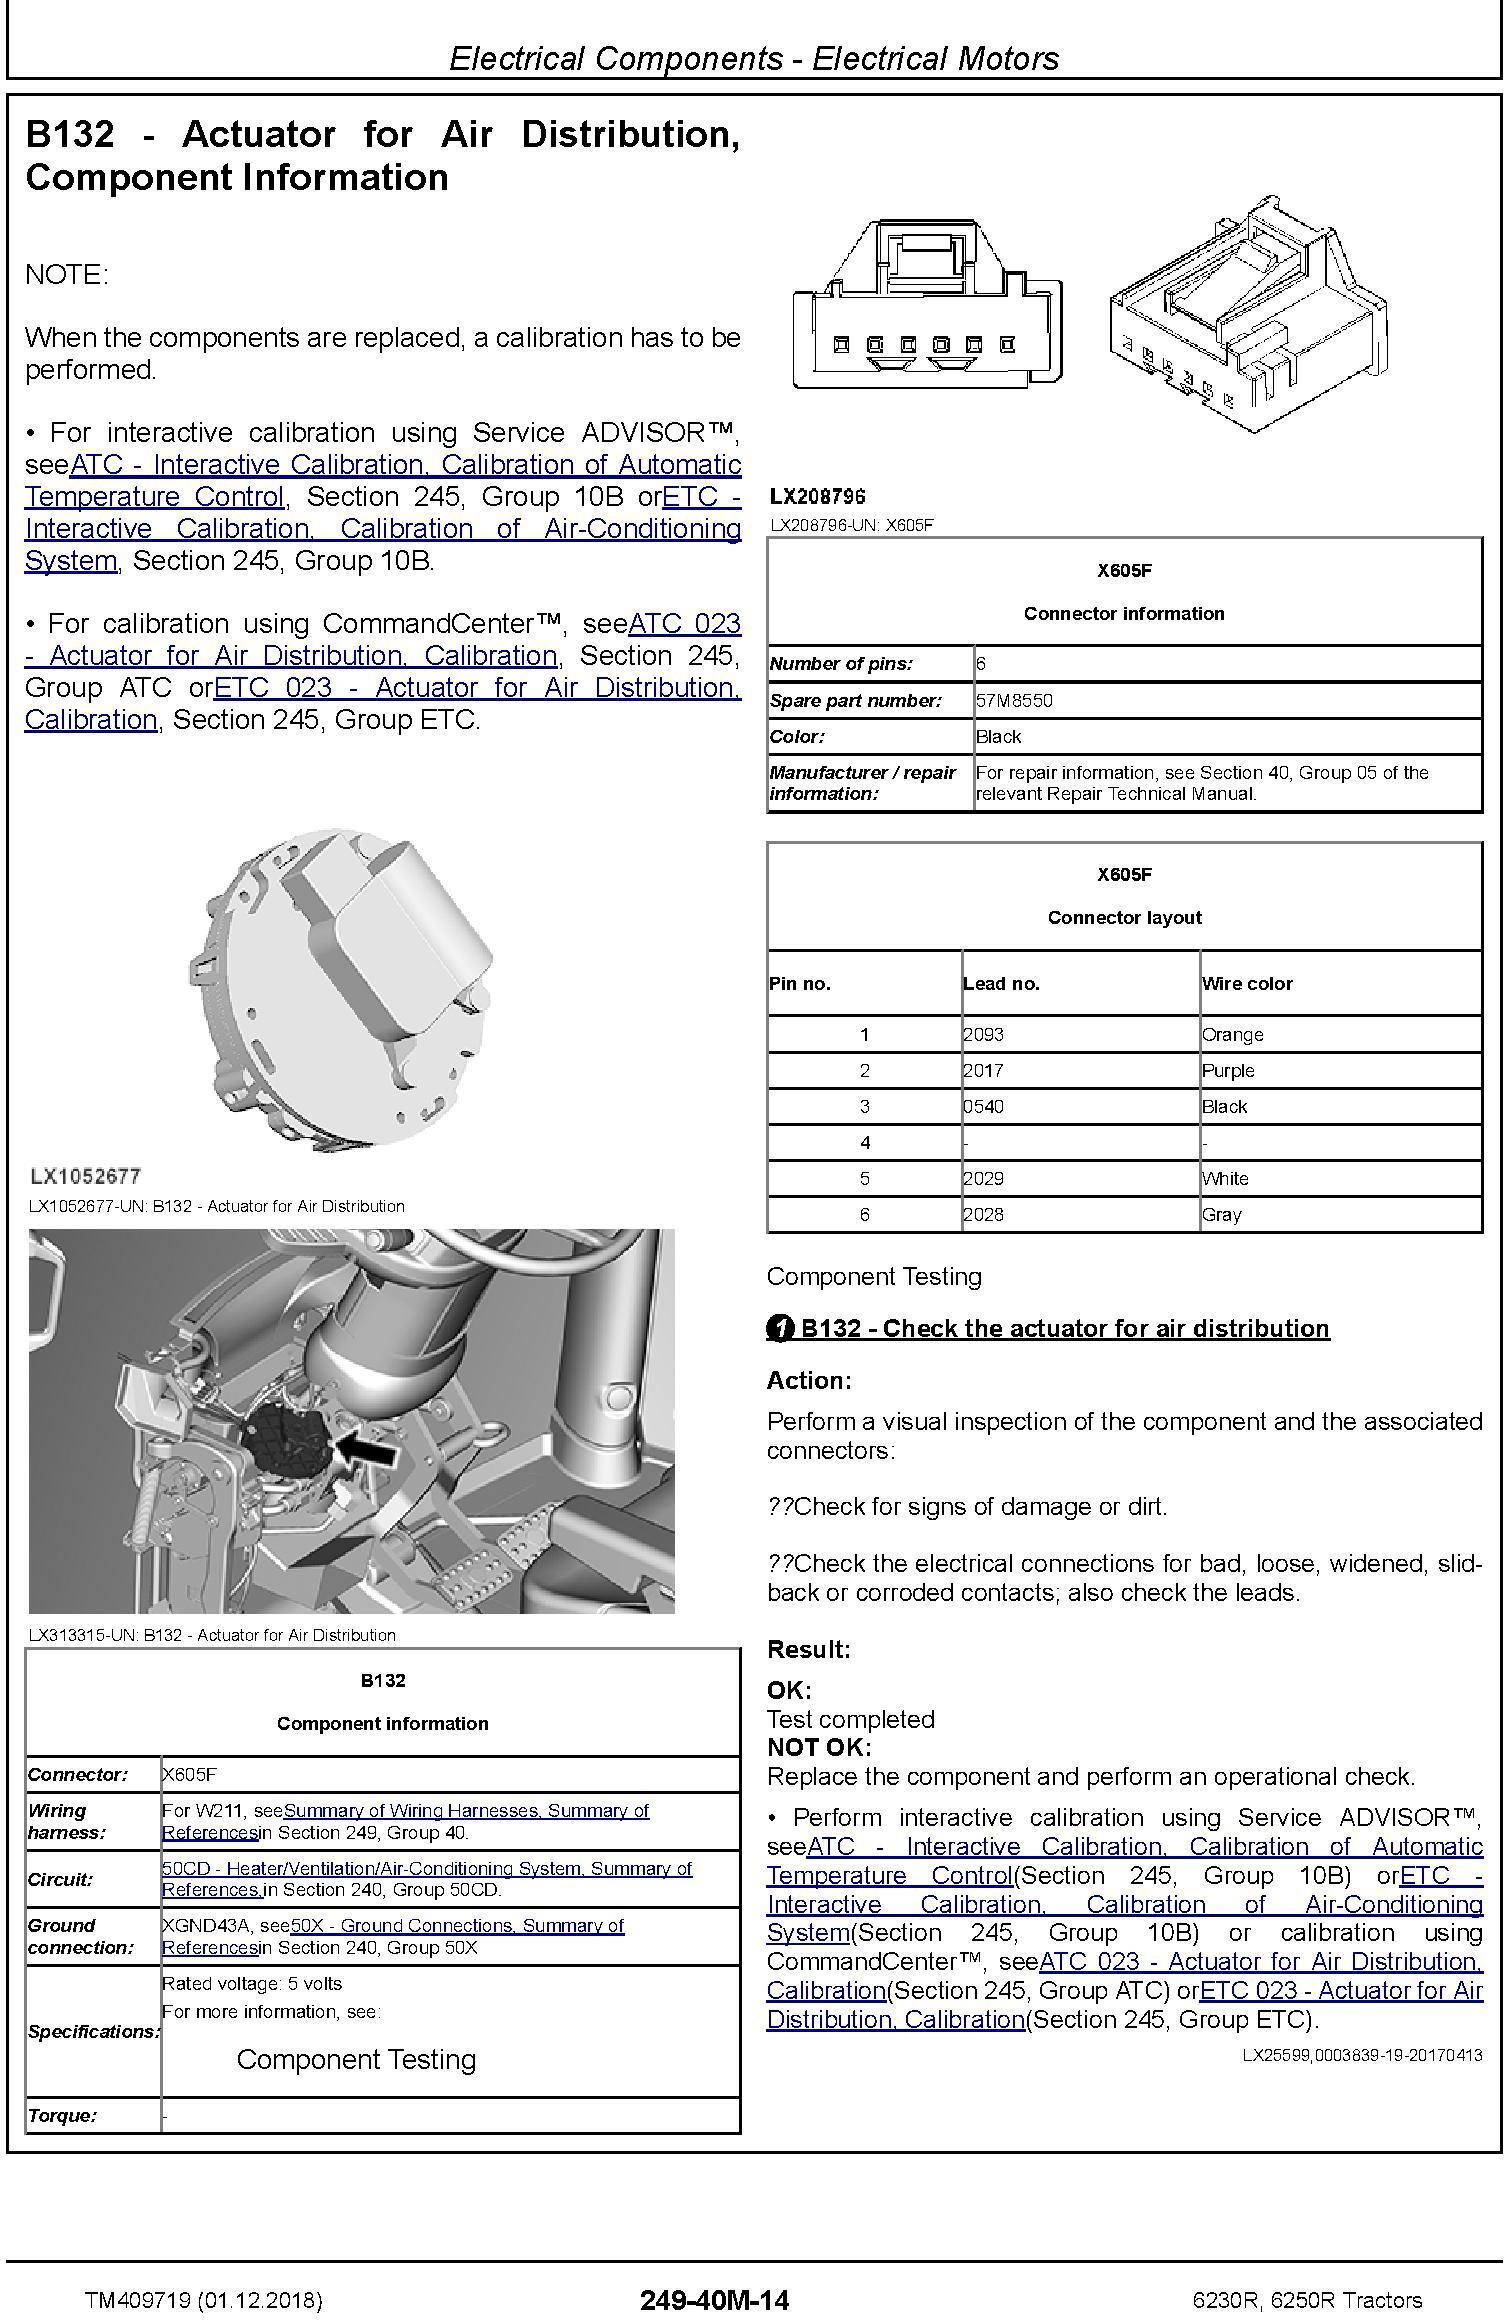 John Deere 6230R, 6250R Tractors MY2017,18,19 Diagnostic Technical Service Manual (TM409719) - 2